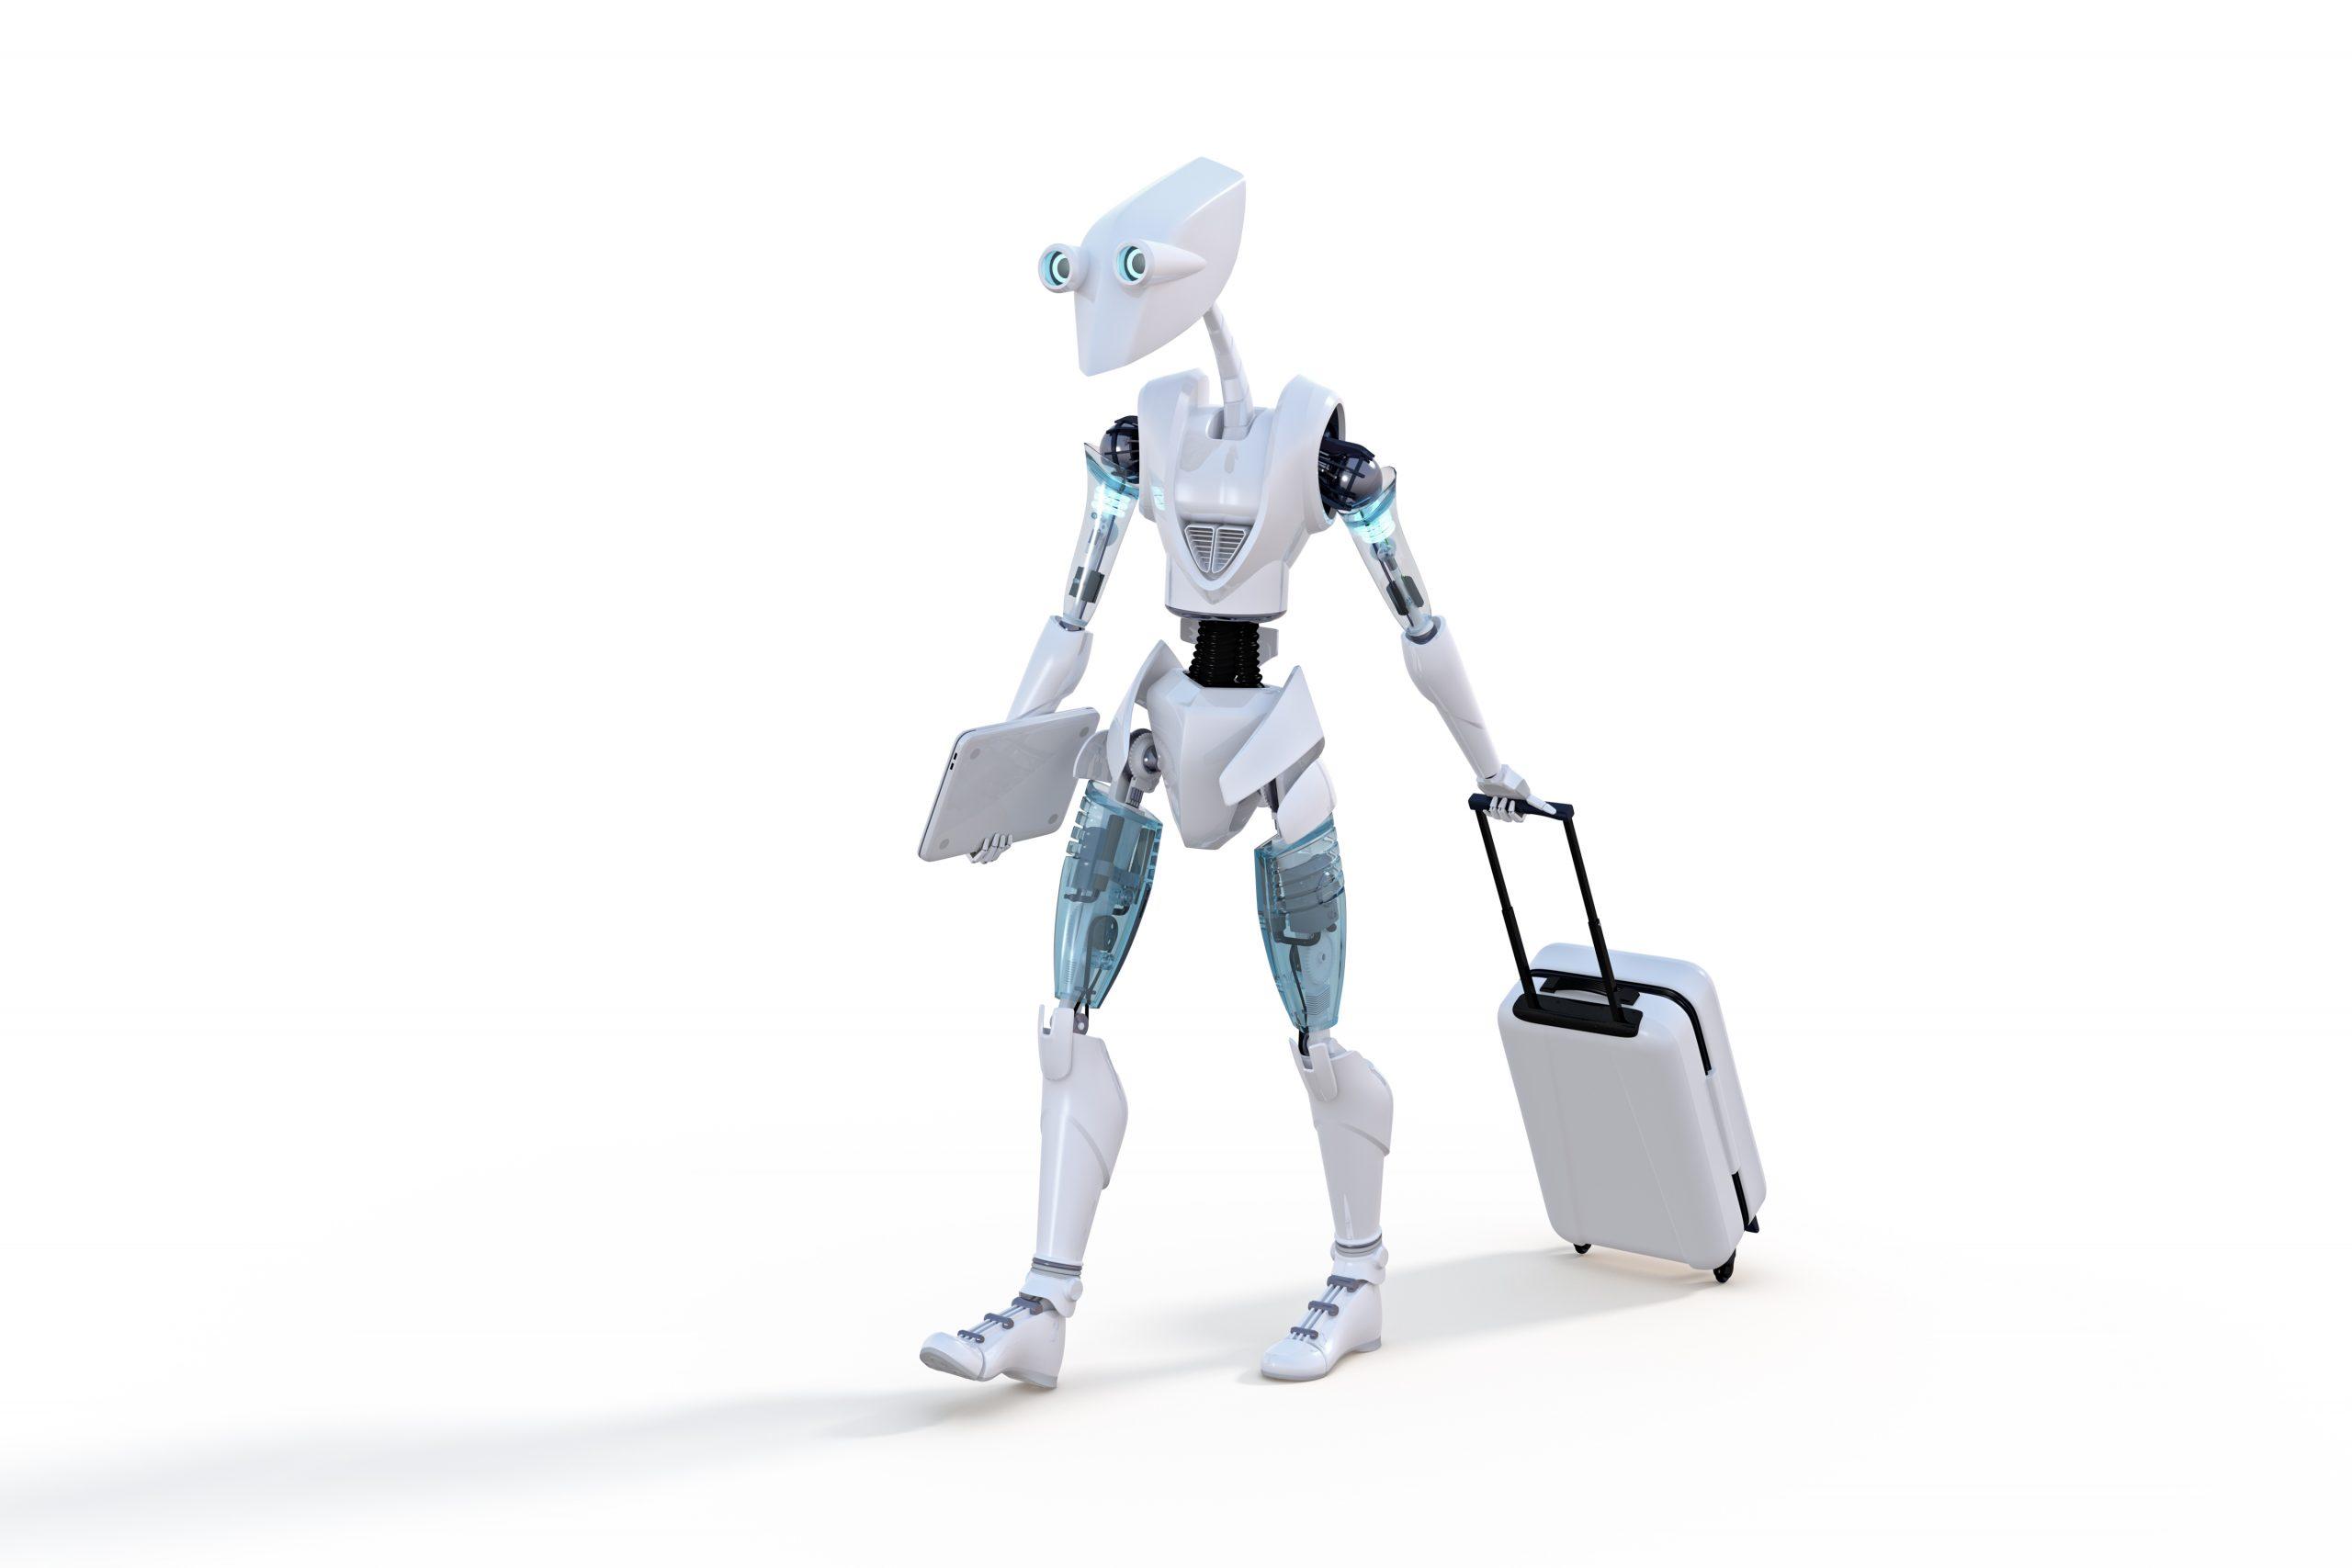 Robotter i lufthavne og på hoteller kan forbedre forretningsrejseoplevelsen. Disse er blandt de tendenser, der fremhæves i BCD Travels fremtidsanalyse for 2020 og frem. Illustration: BCD Travel.